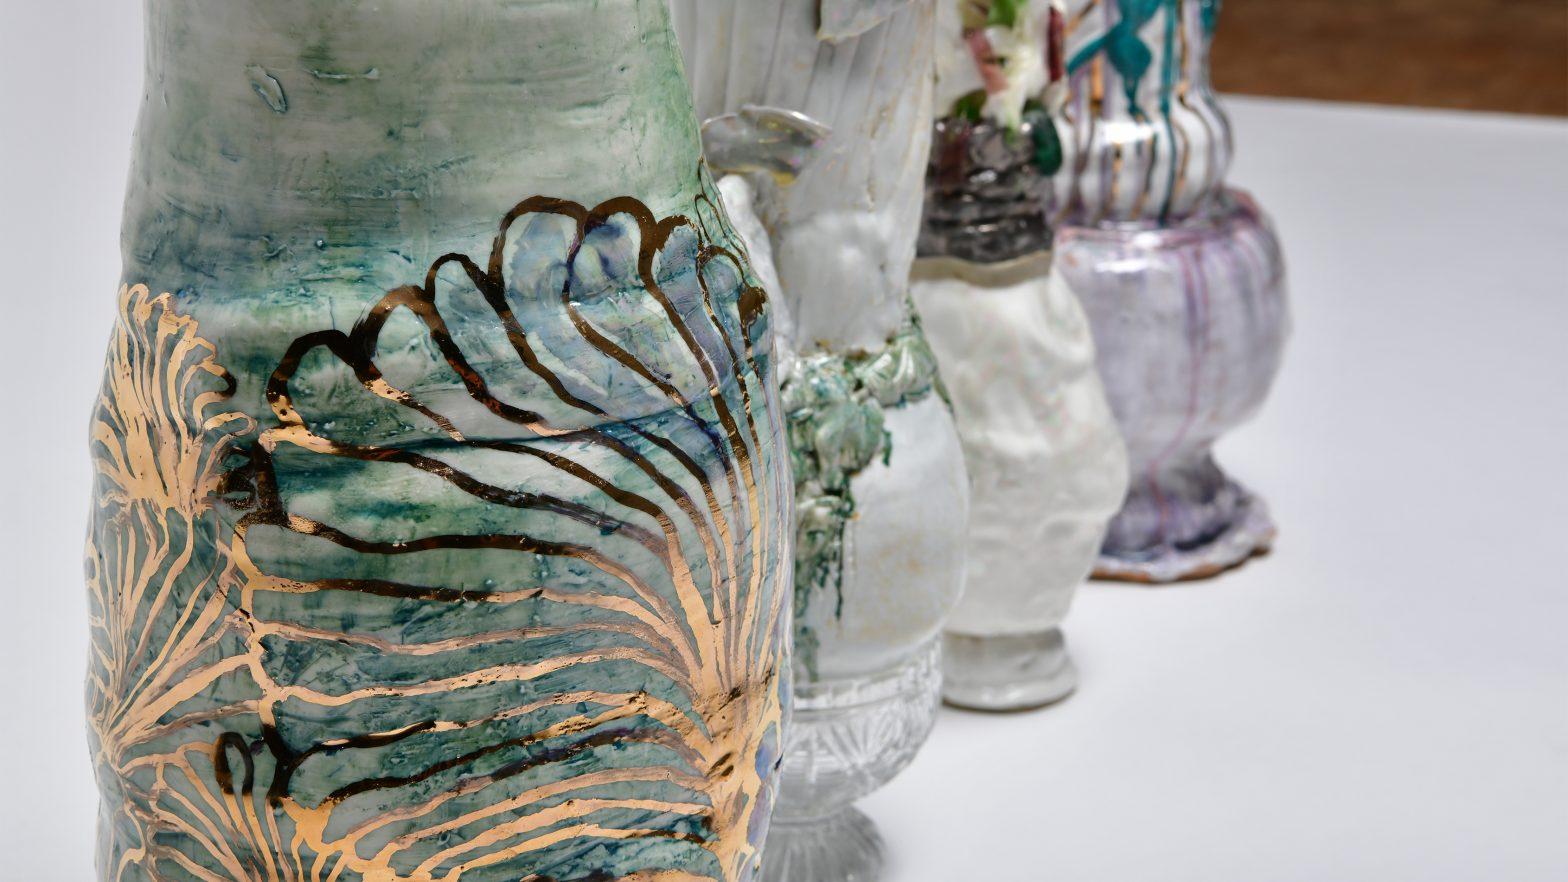 Vasenobjekt von Sarah Pschorn aus dem Jahr 2018